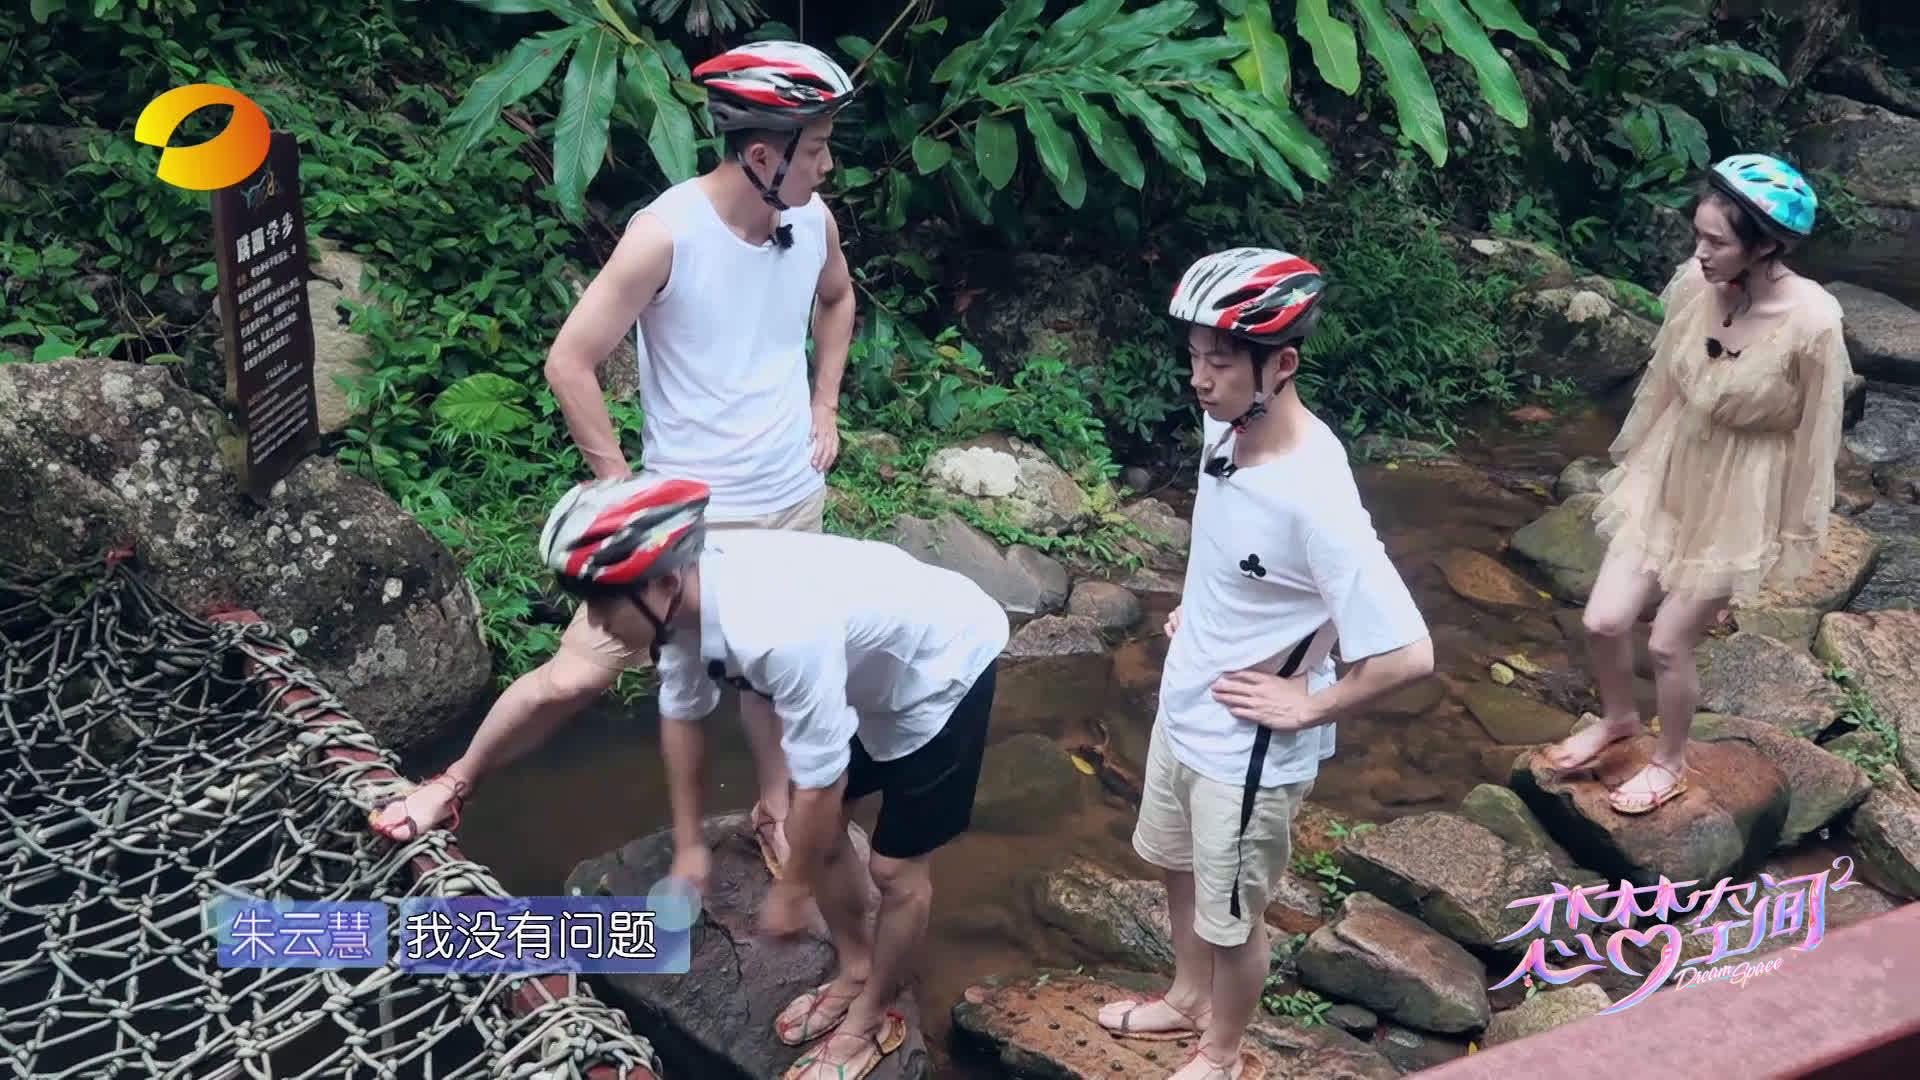 在徒步穿越森林过程中,Ethan卓逸凡 助攻杨明鑫